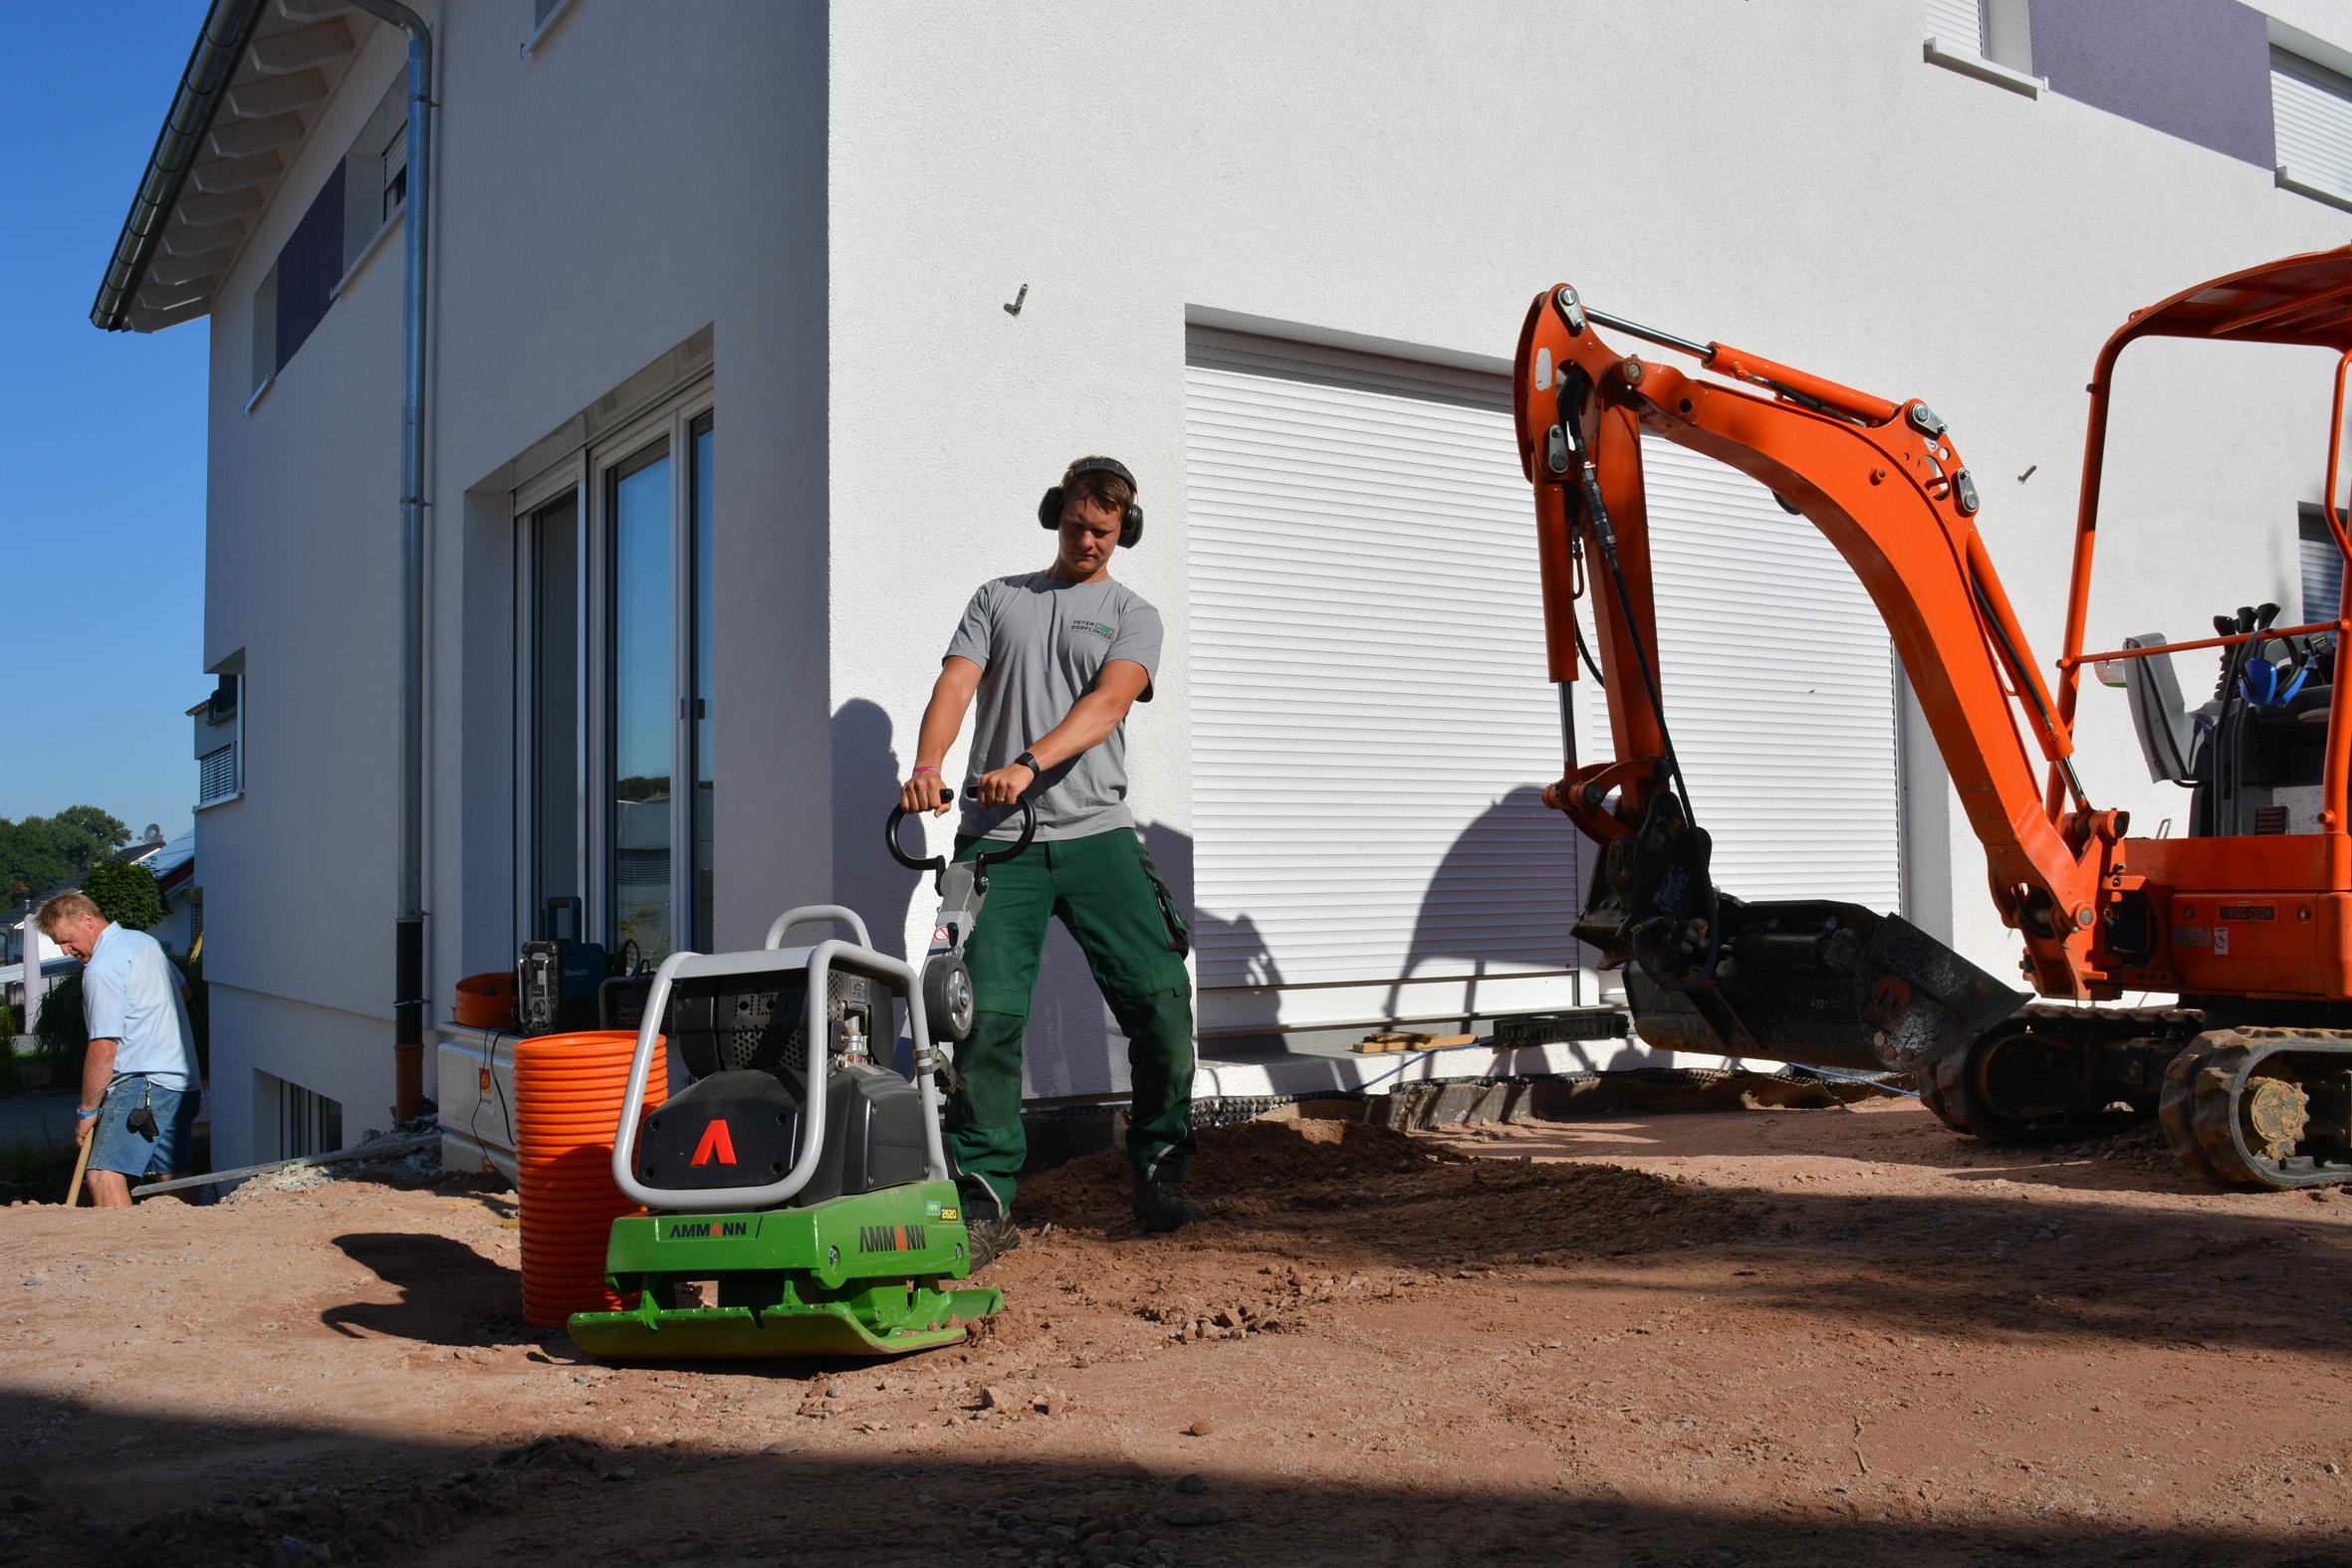 Mit der Rüttelplatte APR 2620 von Ammann lassen sich Flächen auch komfortabel um Hindernisse herum verdichten.